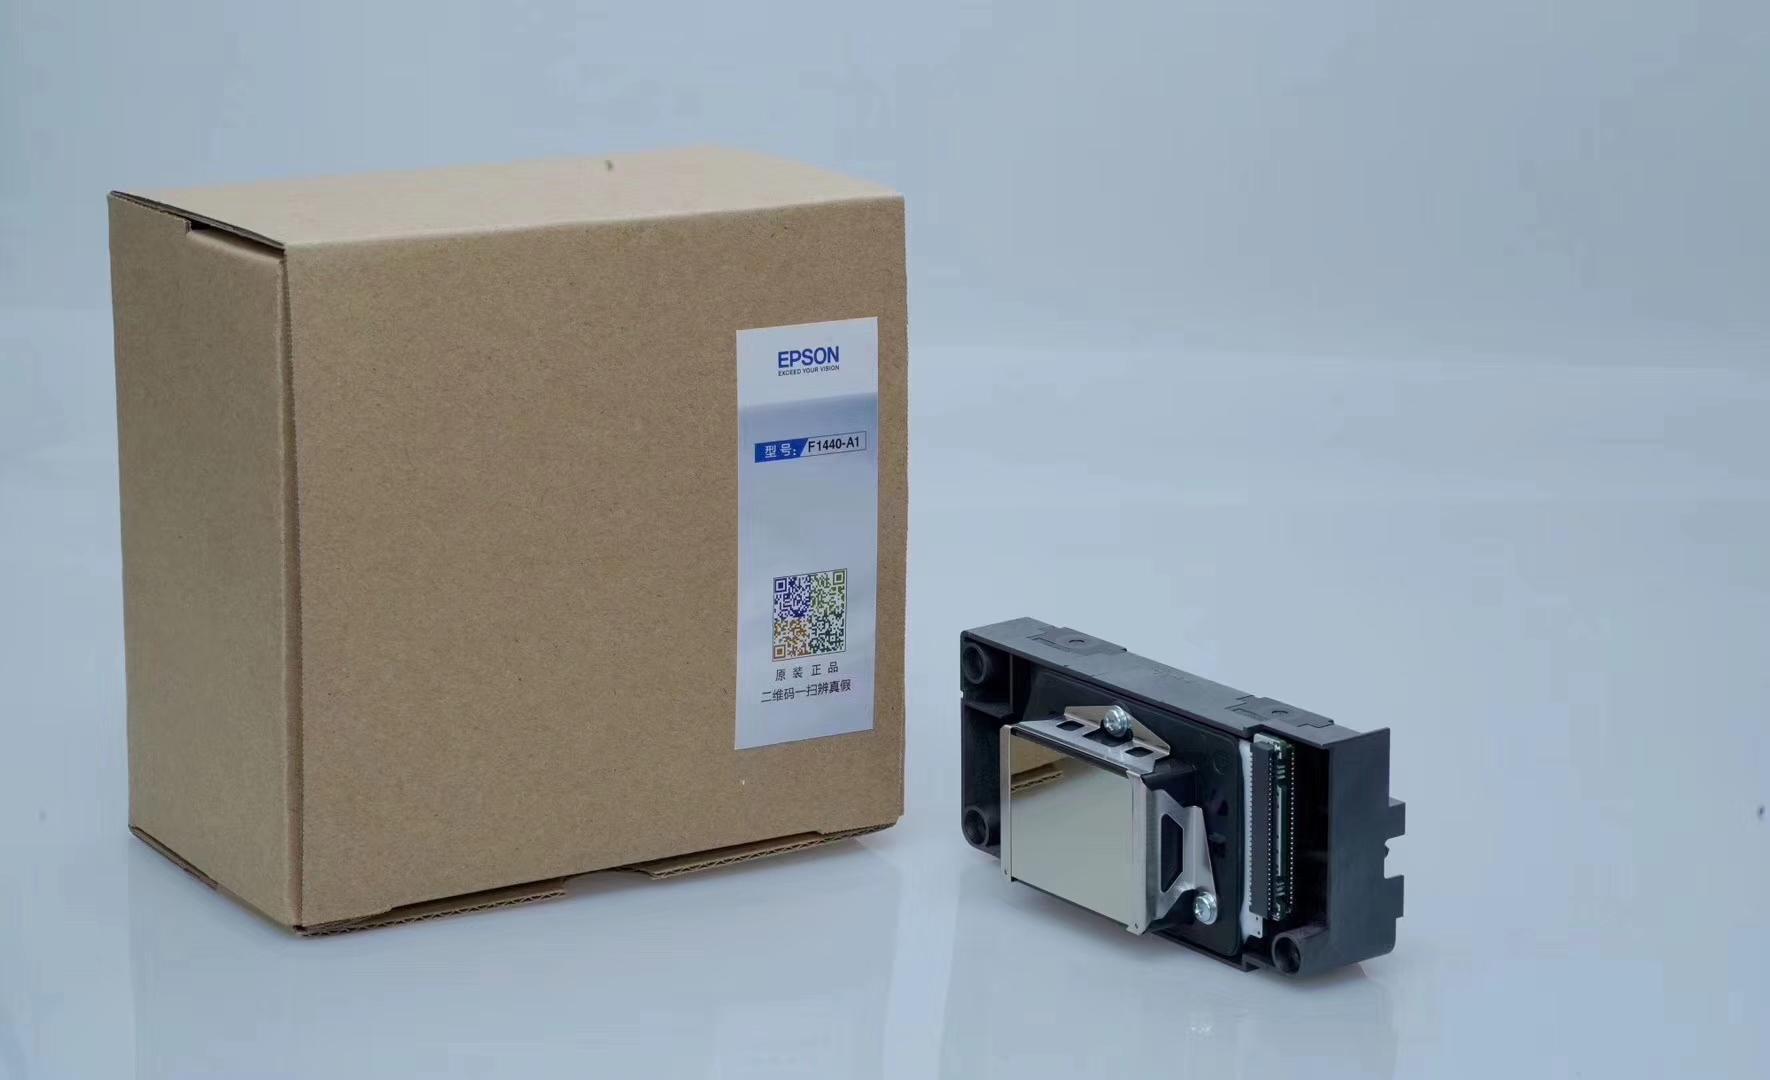 Epson f1440-a1 nozzle 2